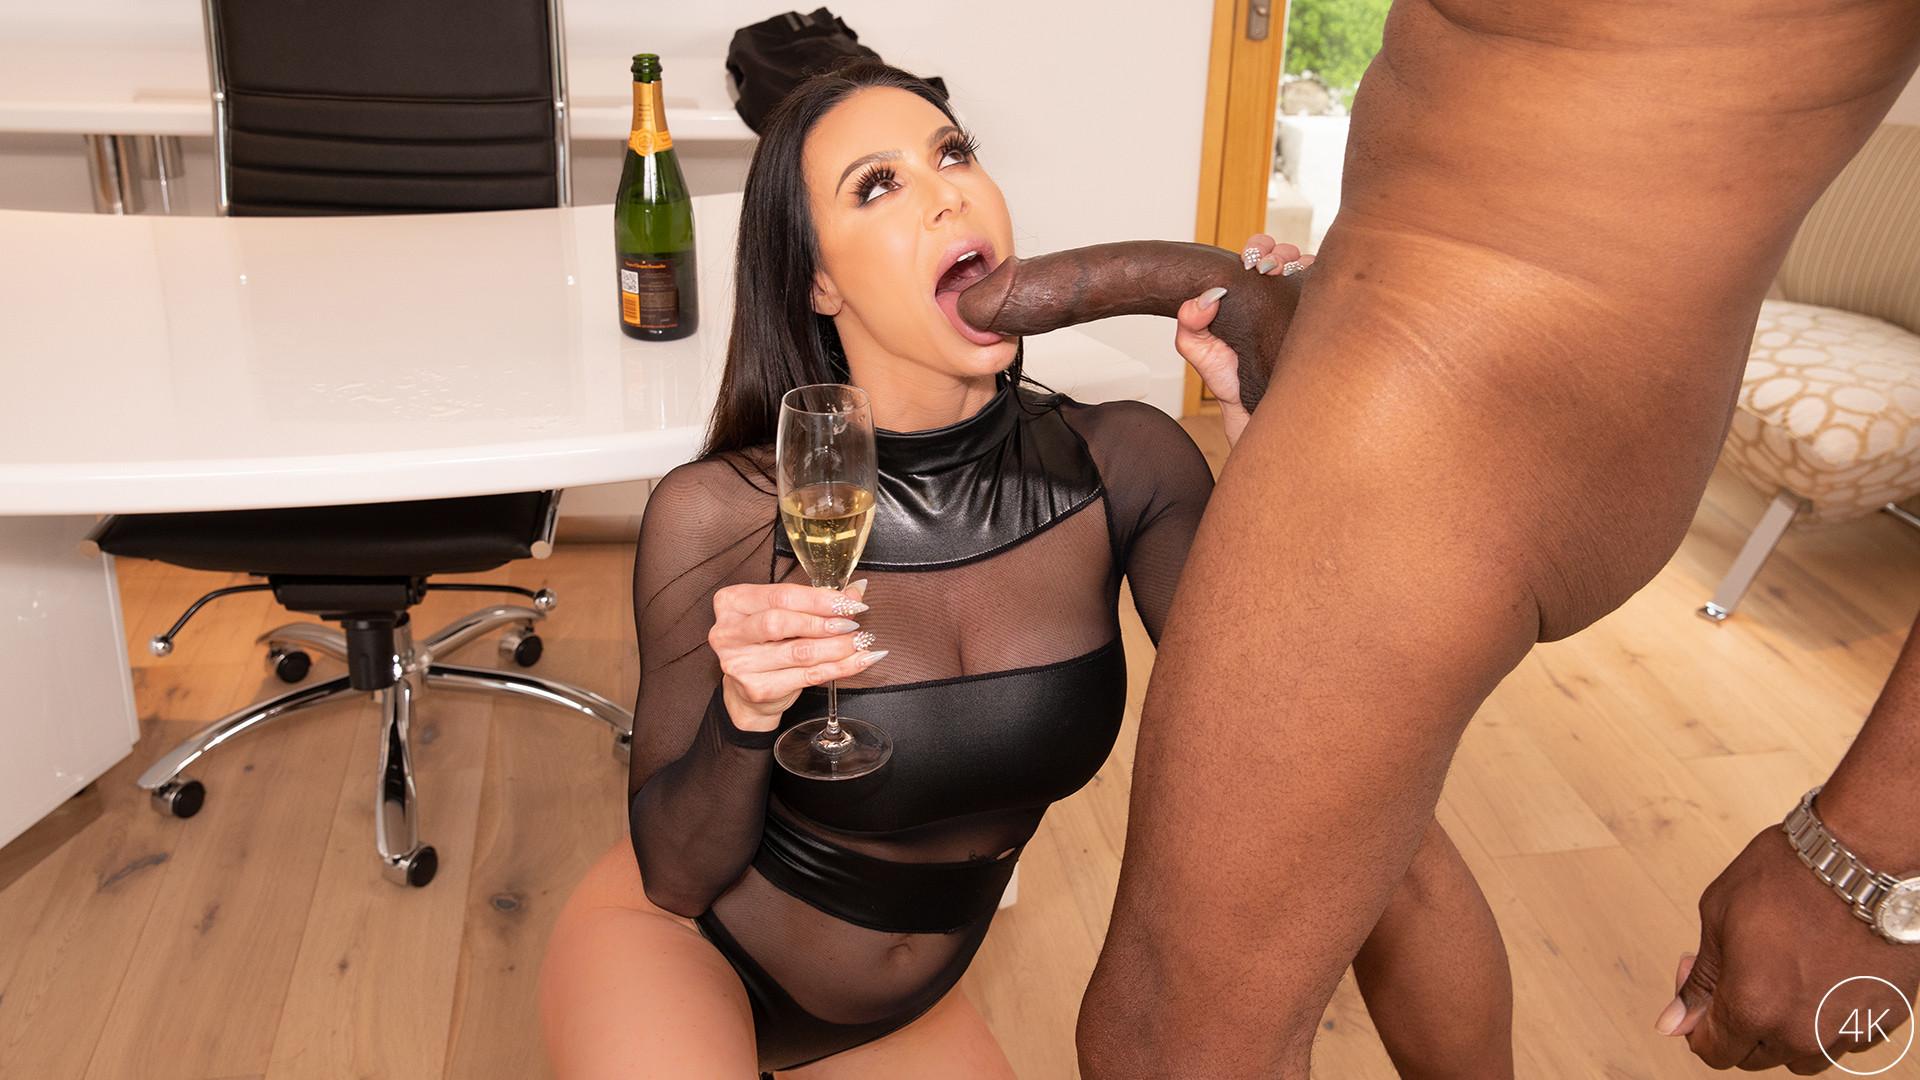 Download JulesJordan.com - Big Tit MILF Star Kendra Lust Has A BBC Celebration With Dredd